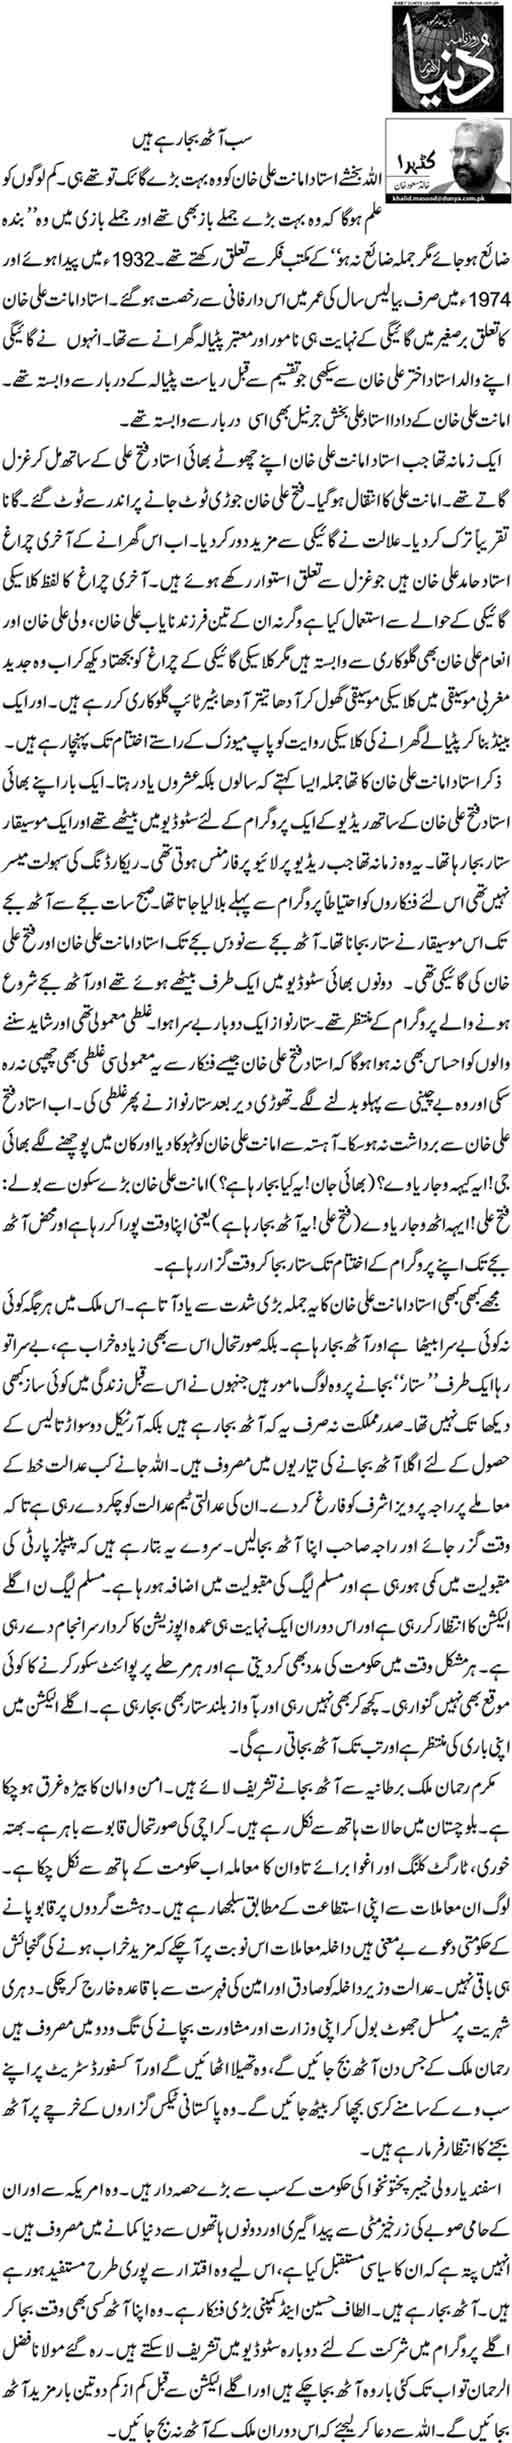 Sub aath baja rahay hain - Khalid Masood Khan